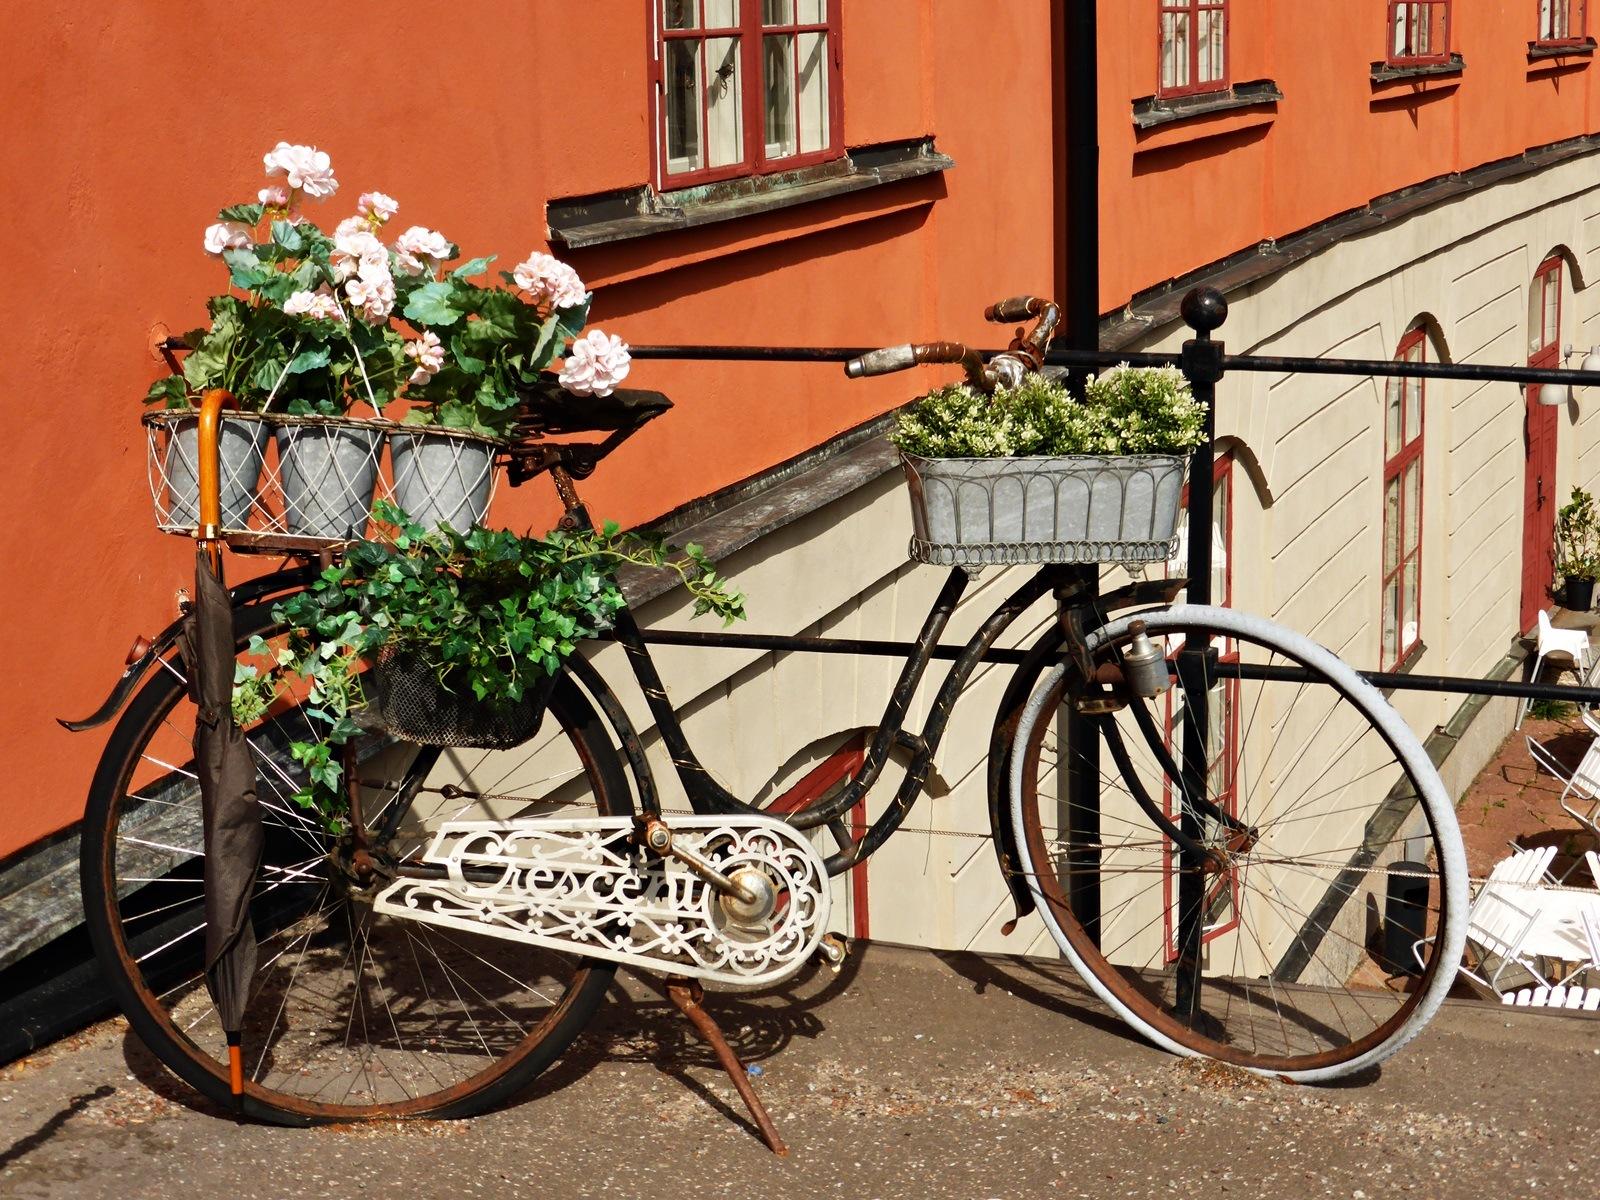 Flower bike by Luba